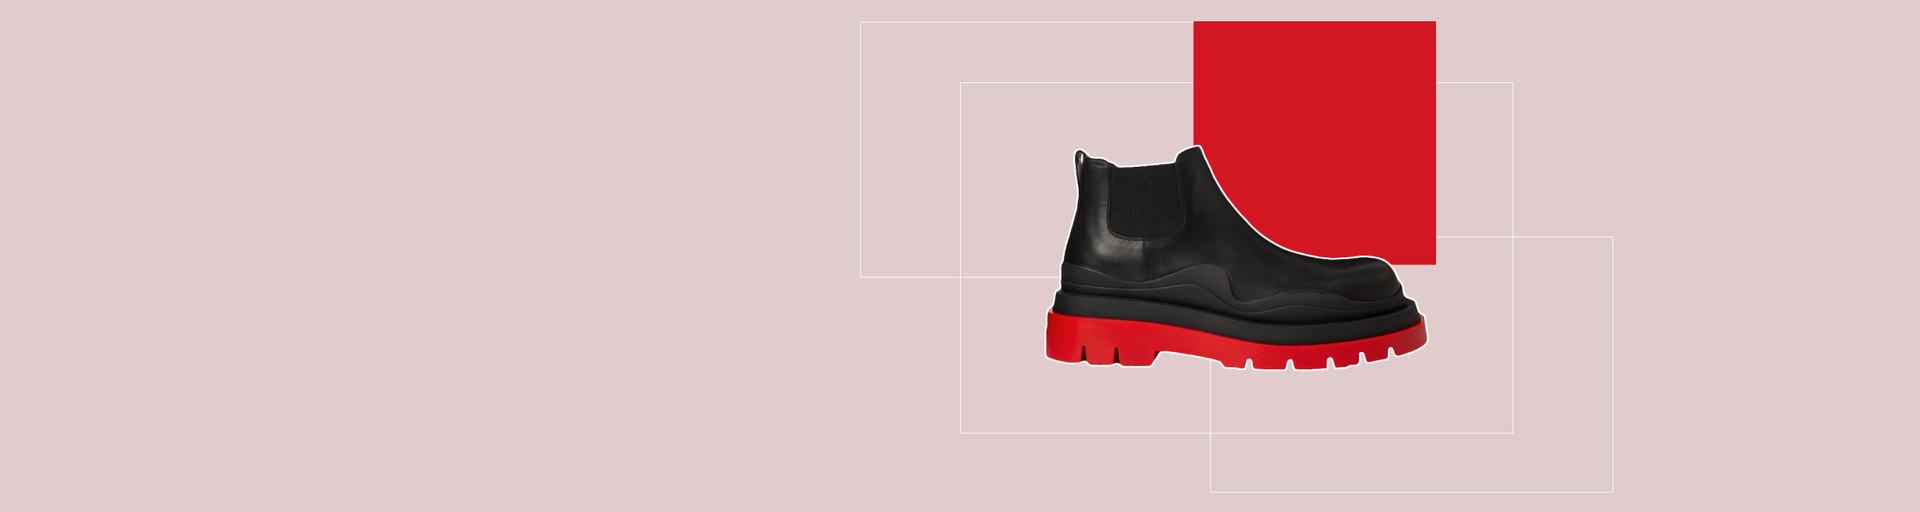 Где купить ботинки челси натрактроной подошве — хит сезона изащиту отнепогоды